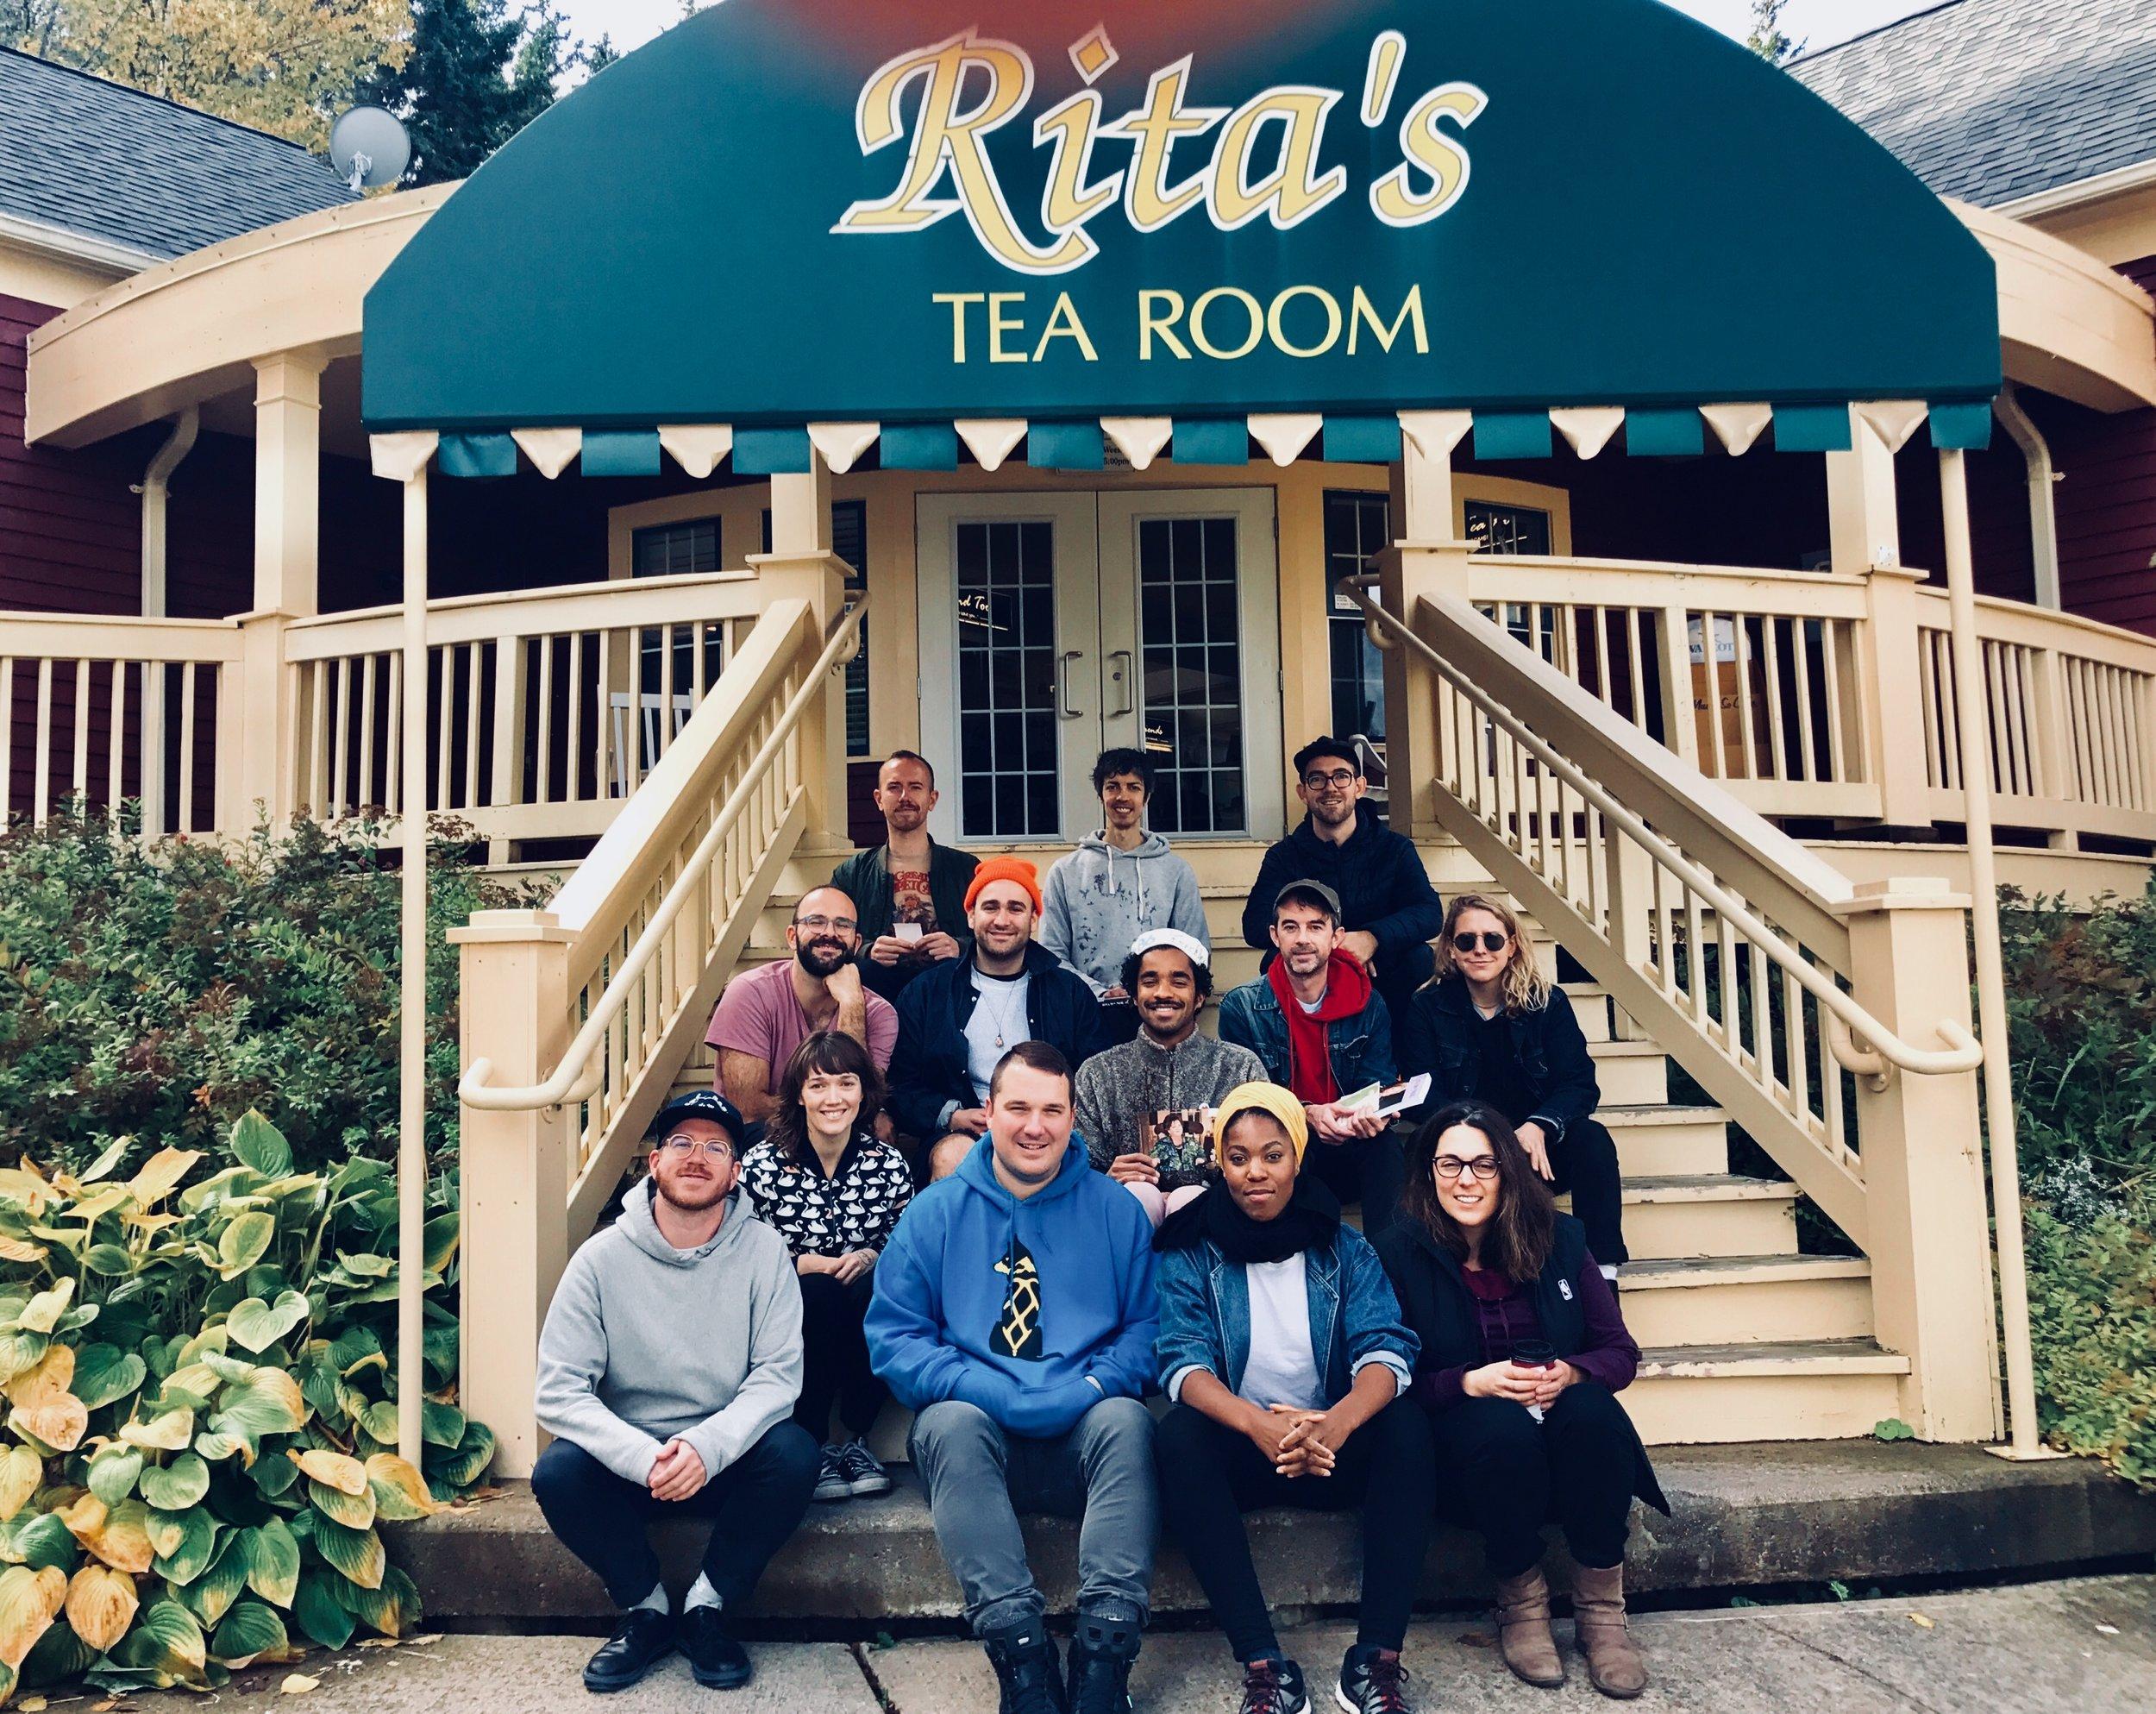 Rita's Tea Room, Big Pond Centre, Cape Breton, Nova Scotia. October 13, 2018.